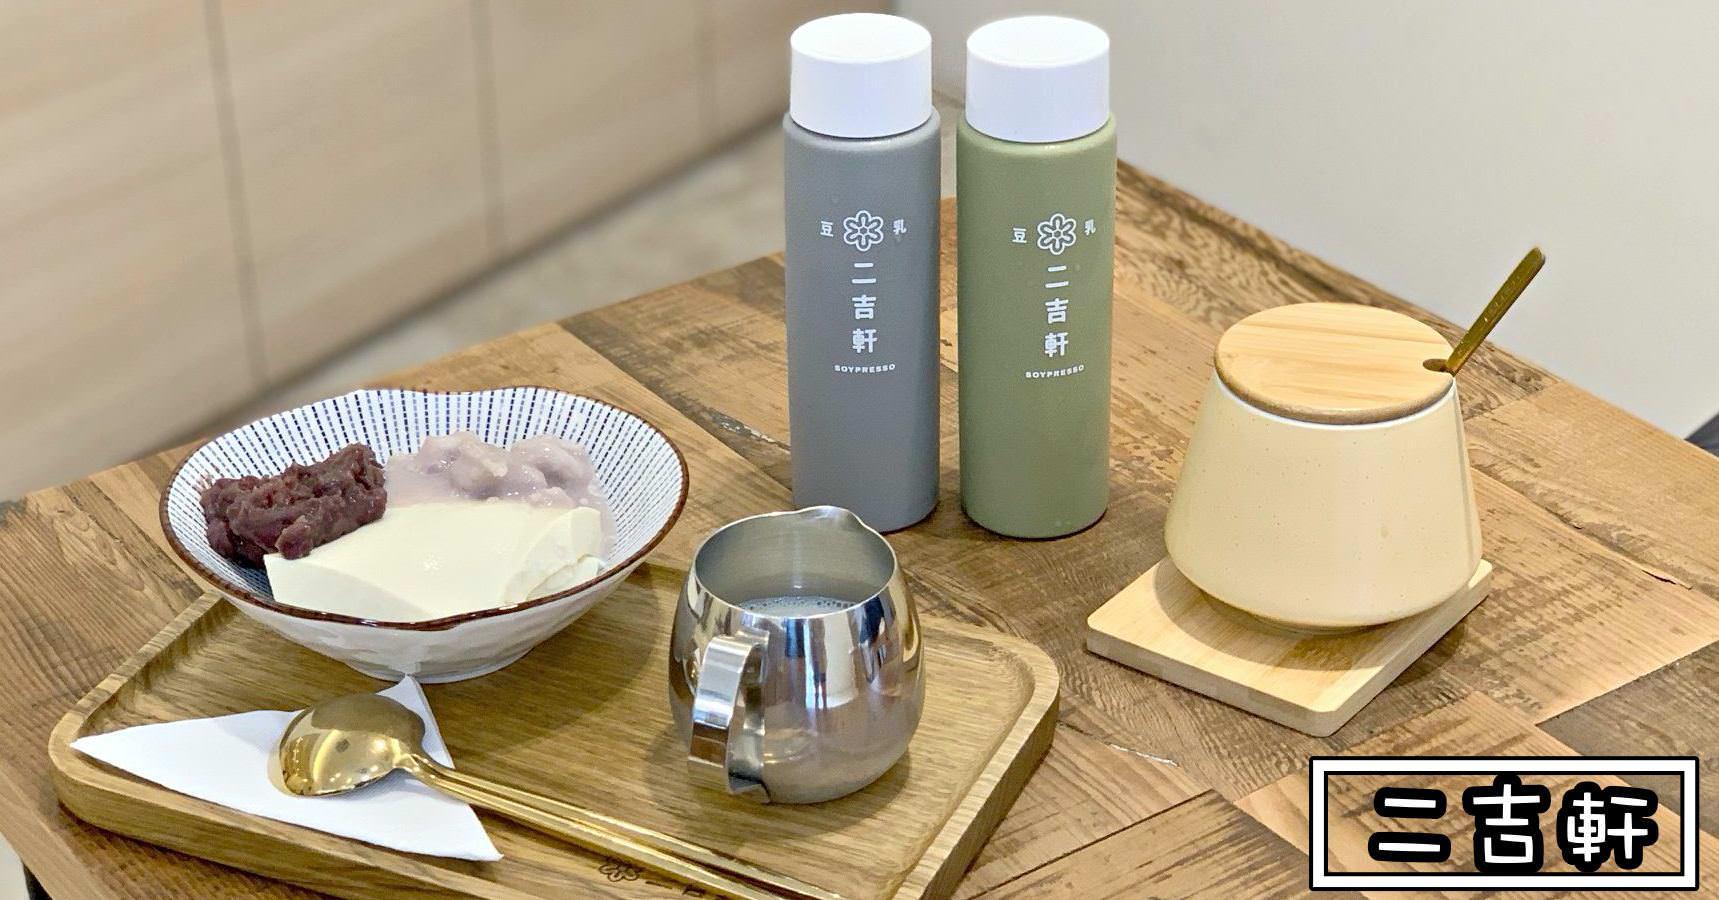 二吉軒豆乳|南京復興美食-豆漿專賣店 豆花 甜品 霜淇淋 (菜單價錢)